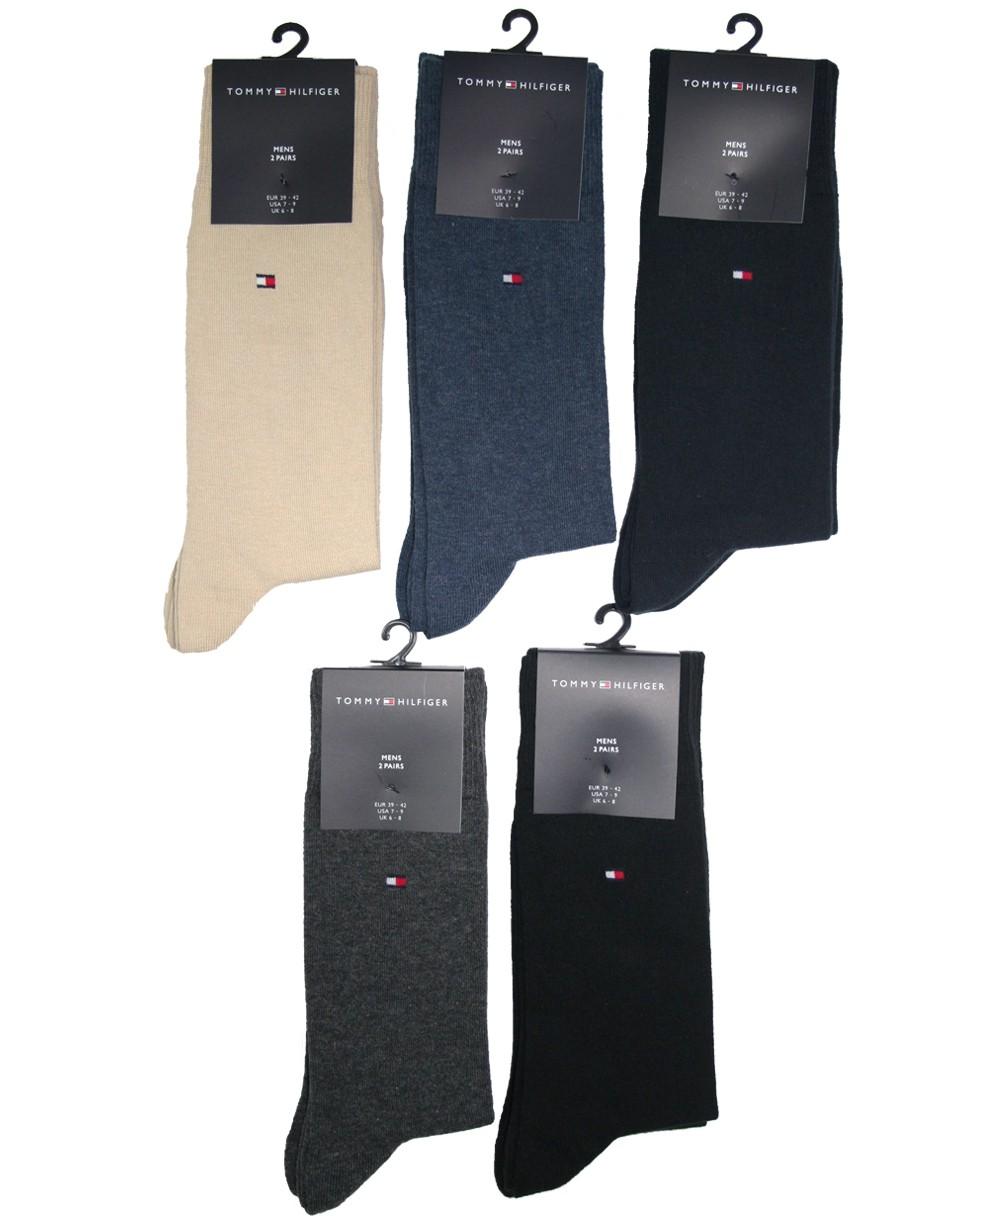 2er pack tommy hilfiger socken classic 371111 gr e und farbe w hlbar ebay. Black Bedroom Furniture Sets. Home Design Ideas